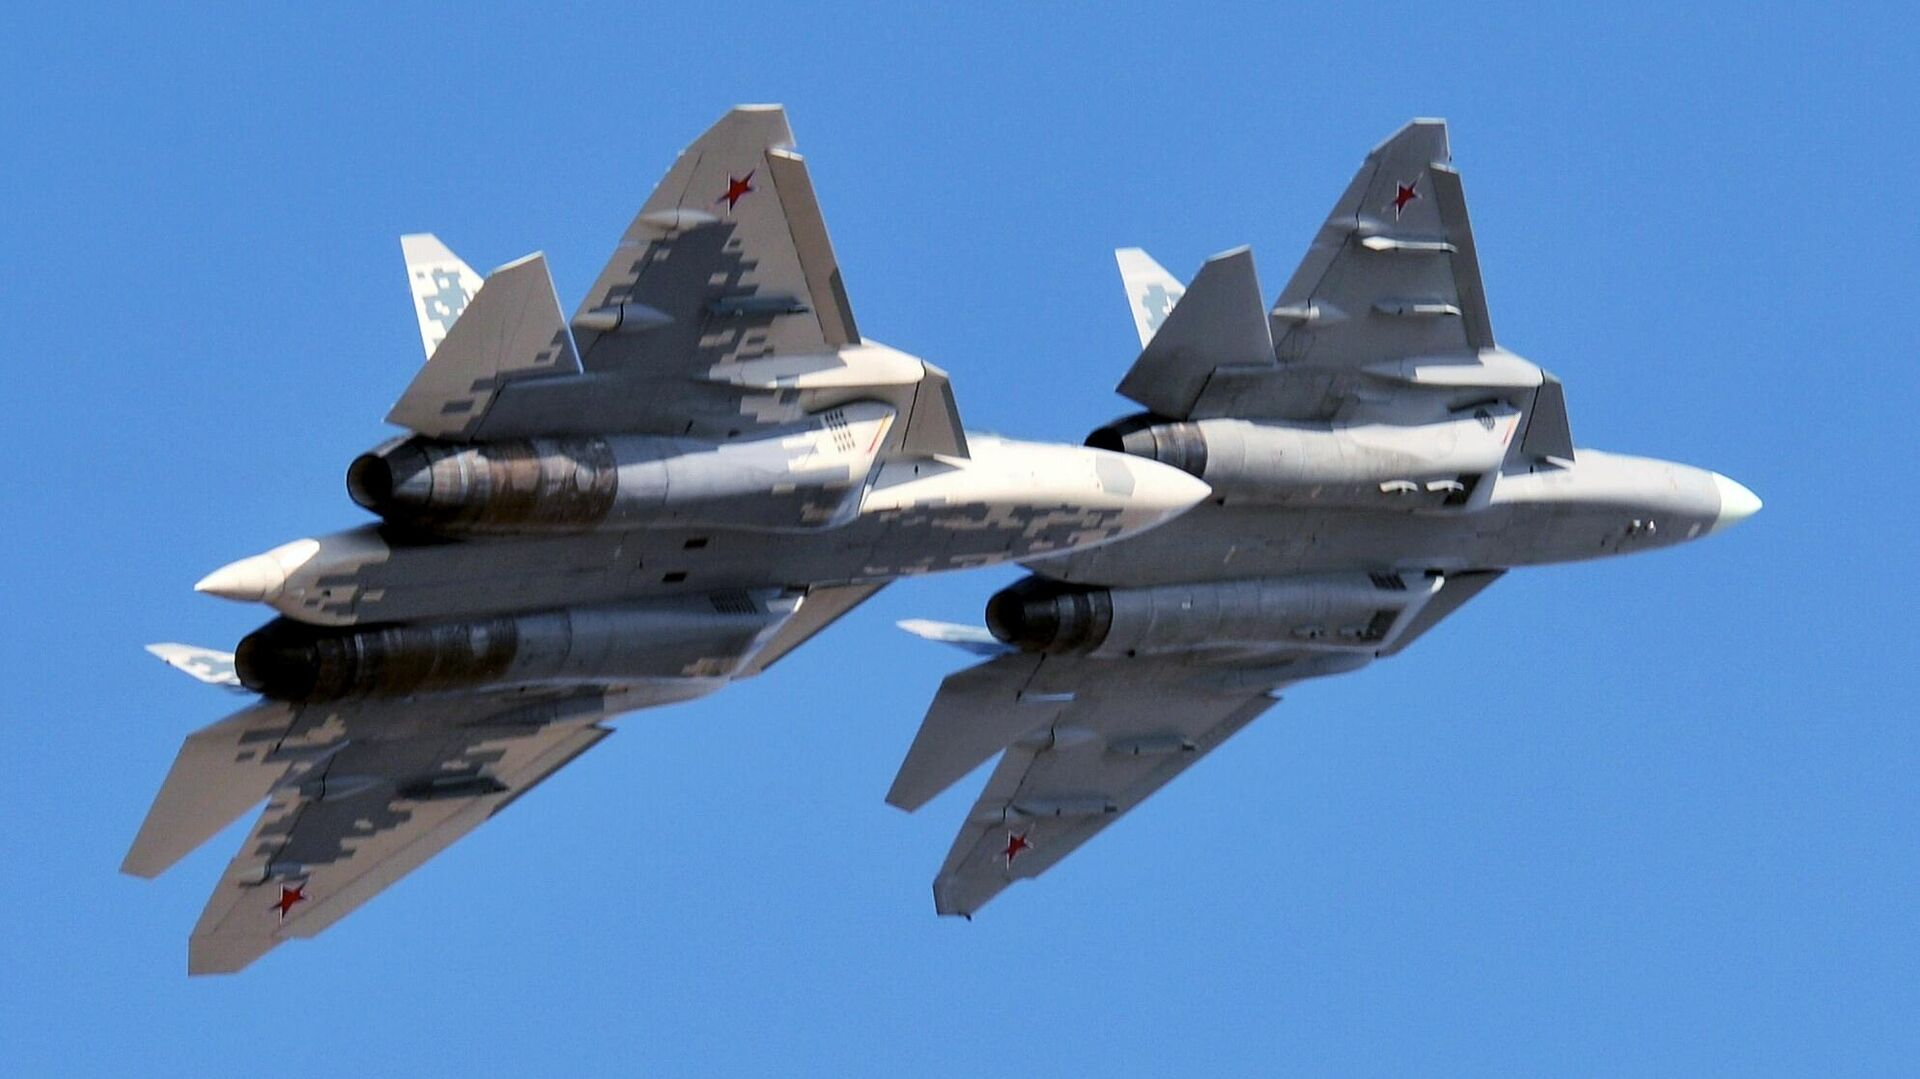 Dos cazas Su-57 de las Fuerzas Aeroespaciales de Rusia - Sputnik Mundo, 1920, 21.04.2021